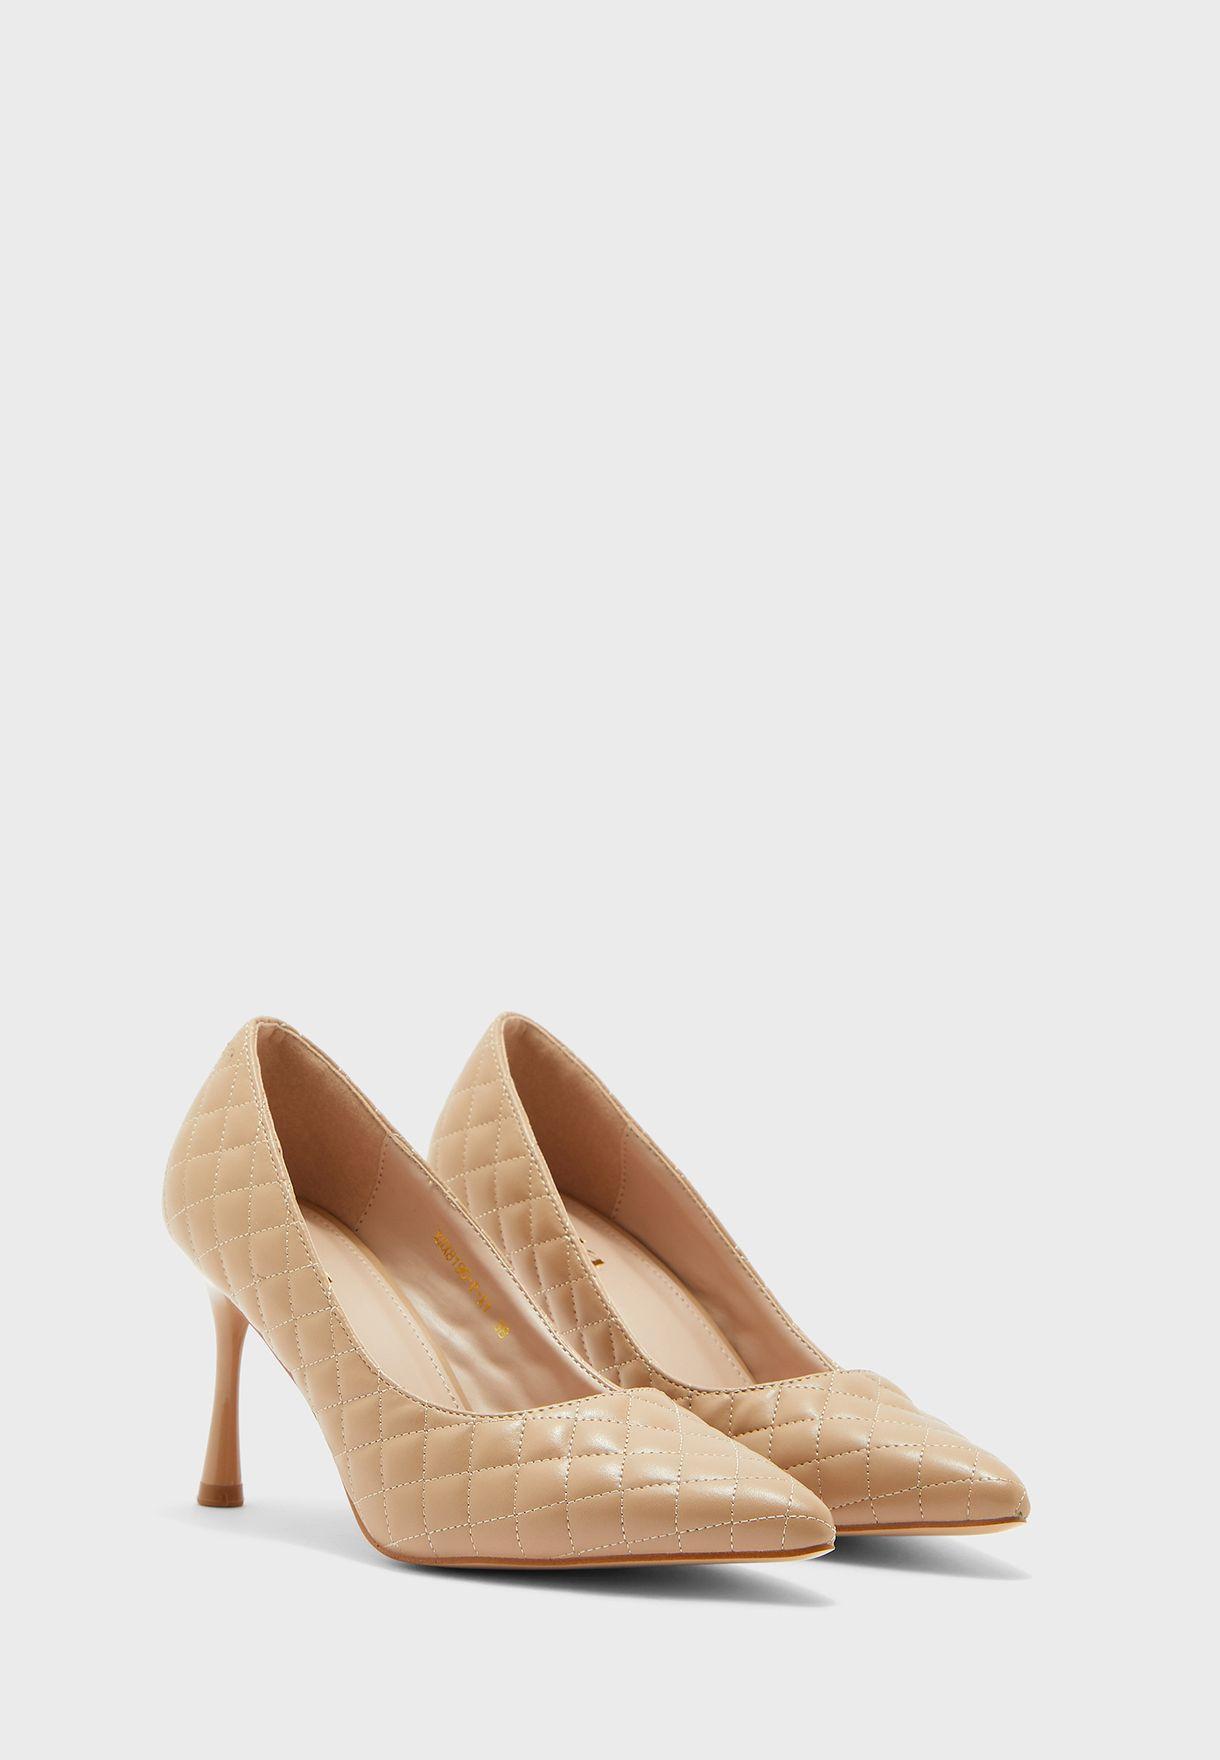 حذاء مدروز بمقدمة مدببة